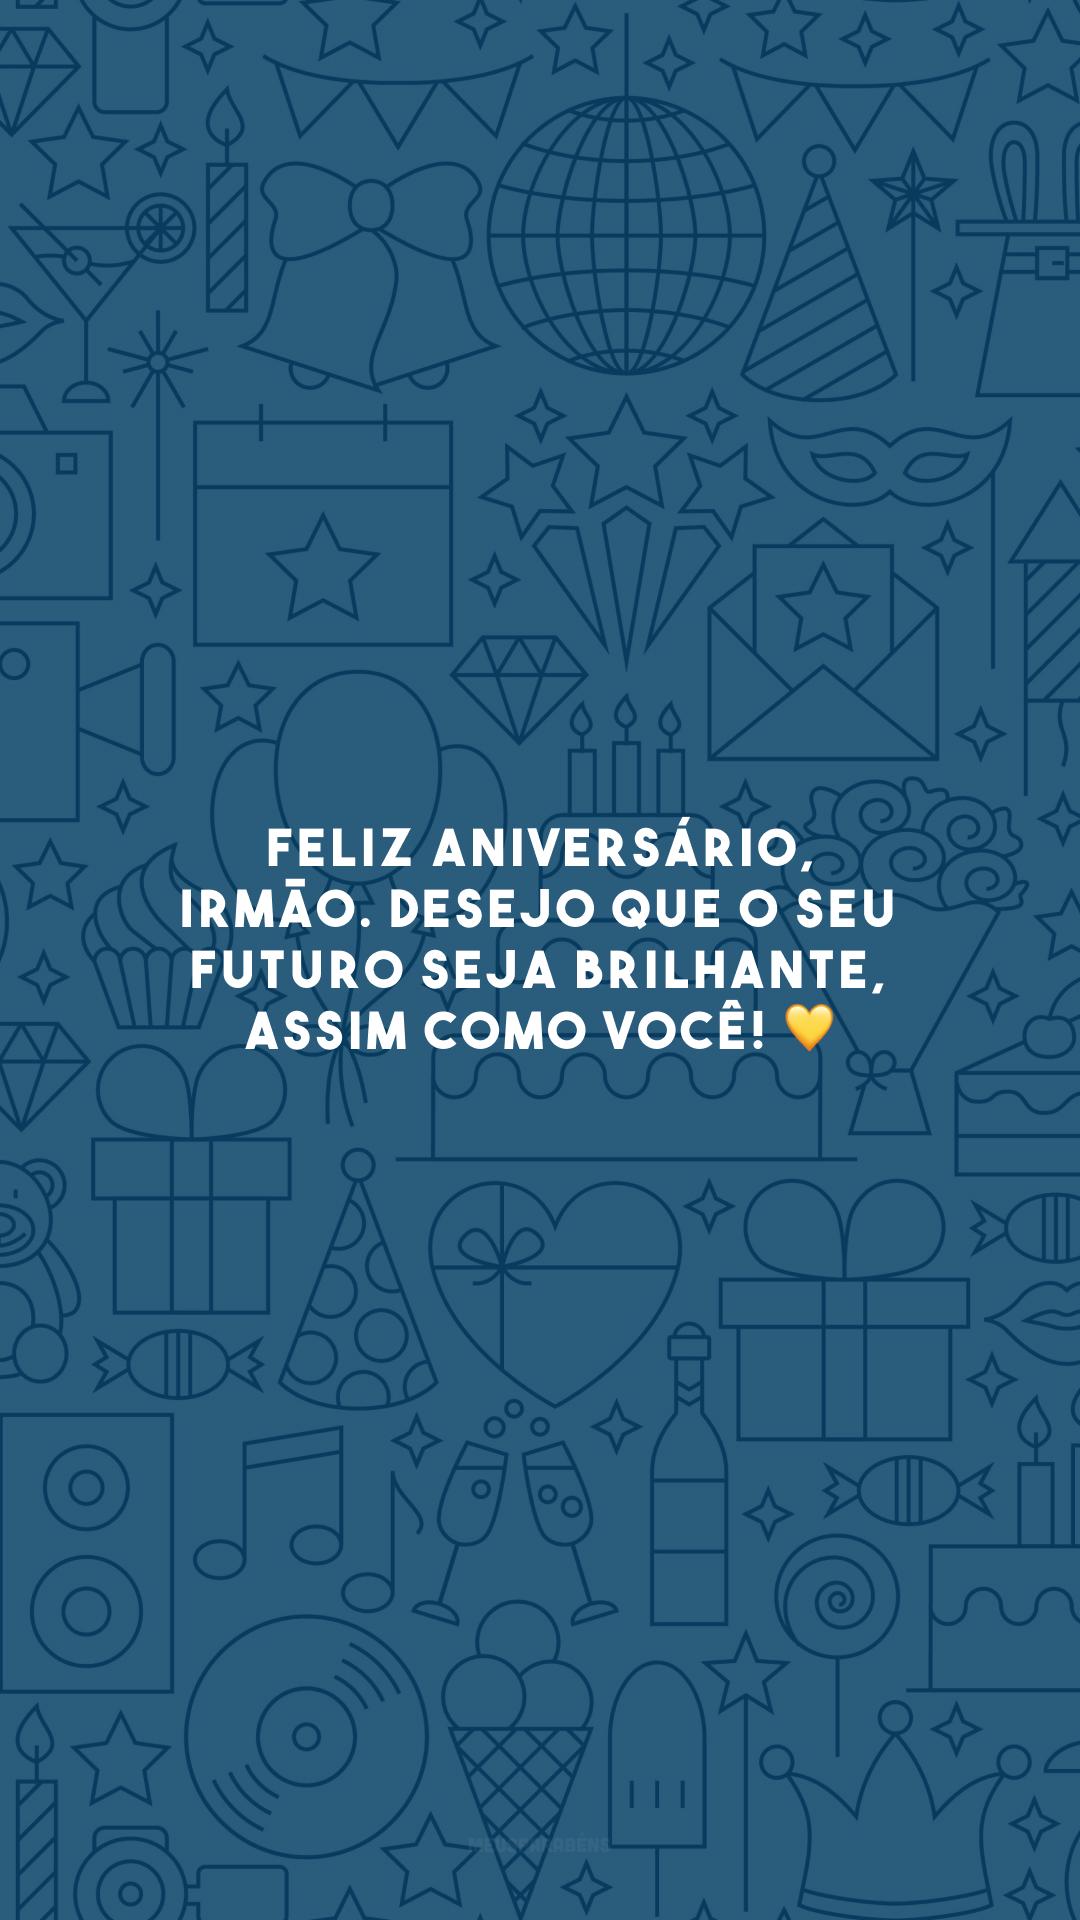 Feliz aniversário, irmão. Desejo que o seu futuro seja brilhante, assim como você! 💛